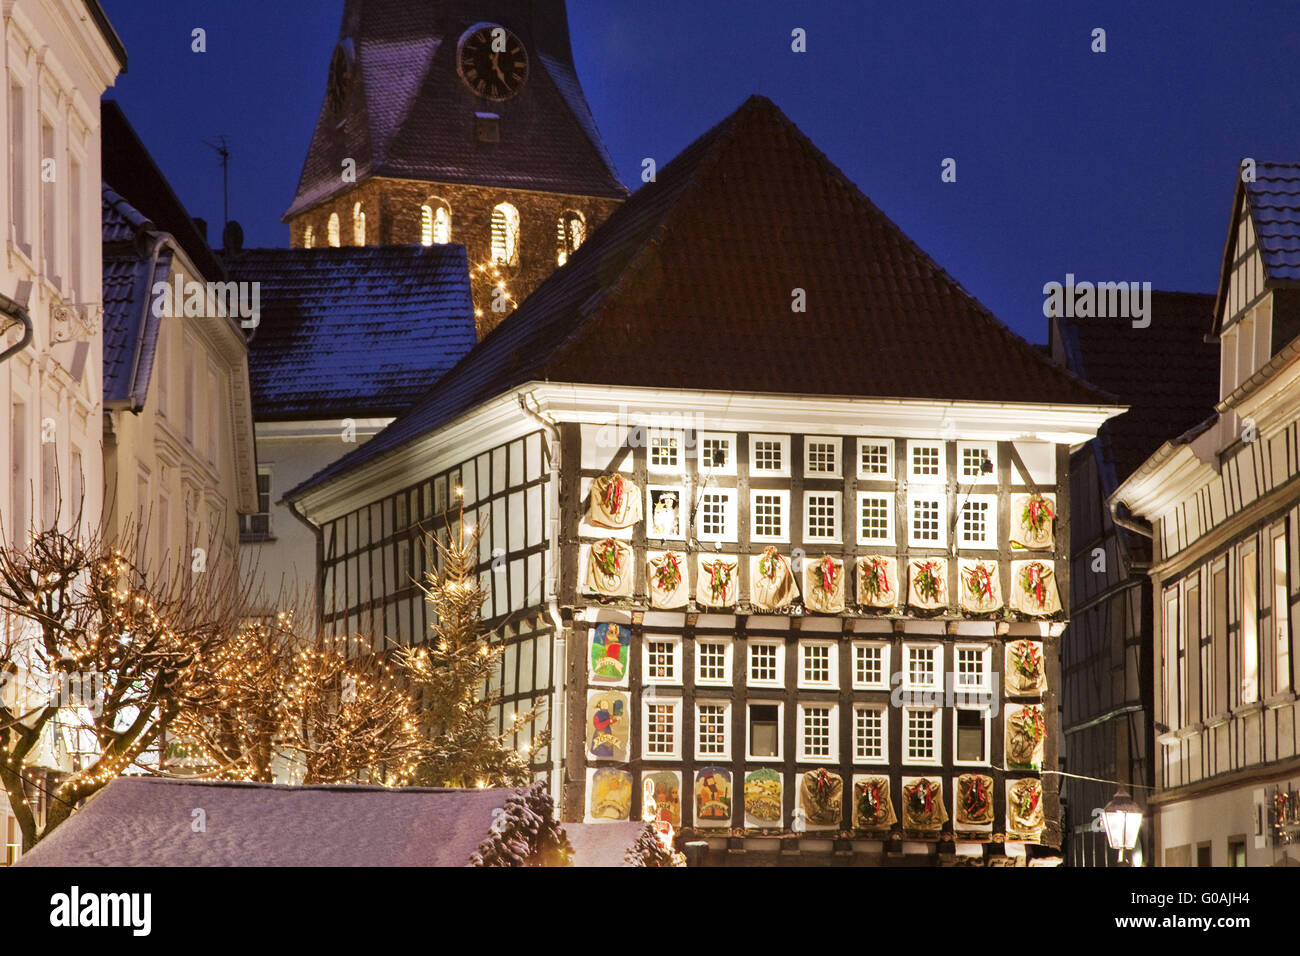 Alte Weihnachtskalender.Weihnachtskalender Stock Photos Weihnachtskalender Stock Images